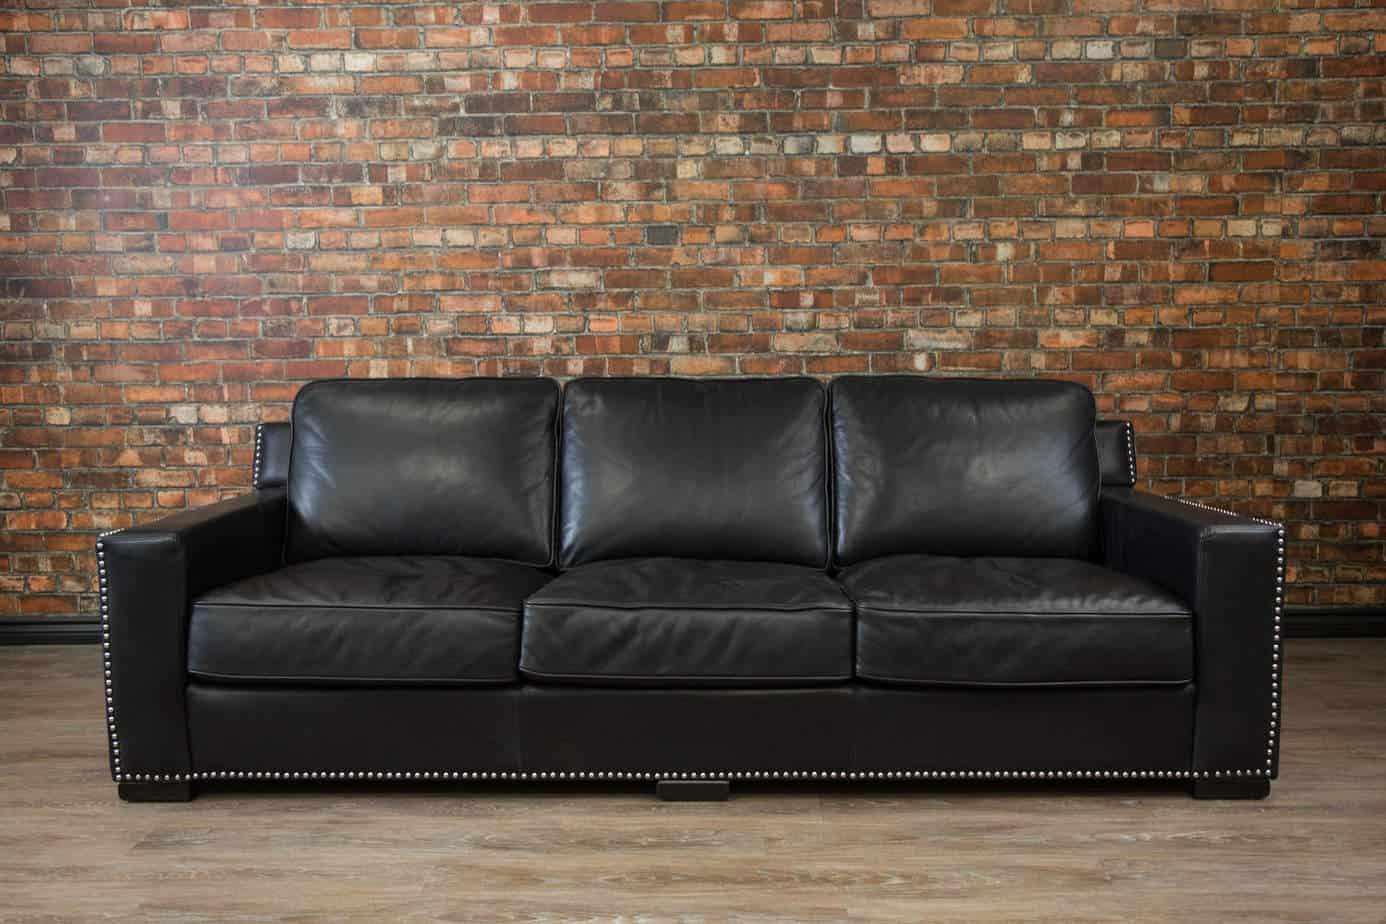 Deep Seat Leather Sofa Deep Seated Leather Sofa Atlasone ...